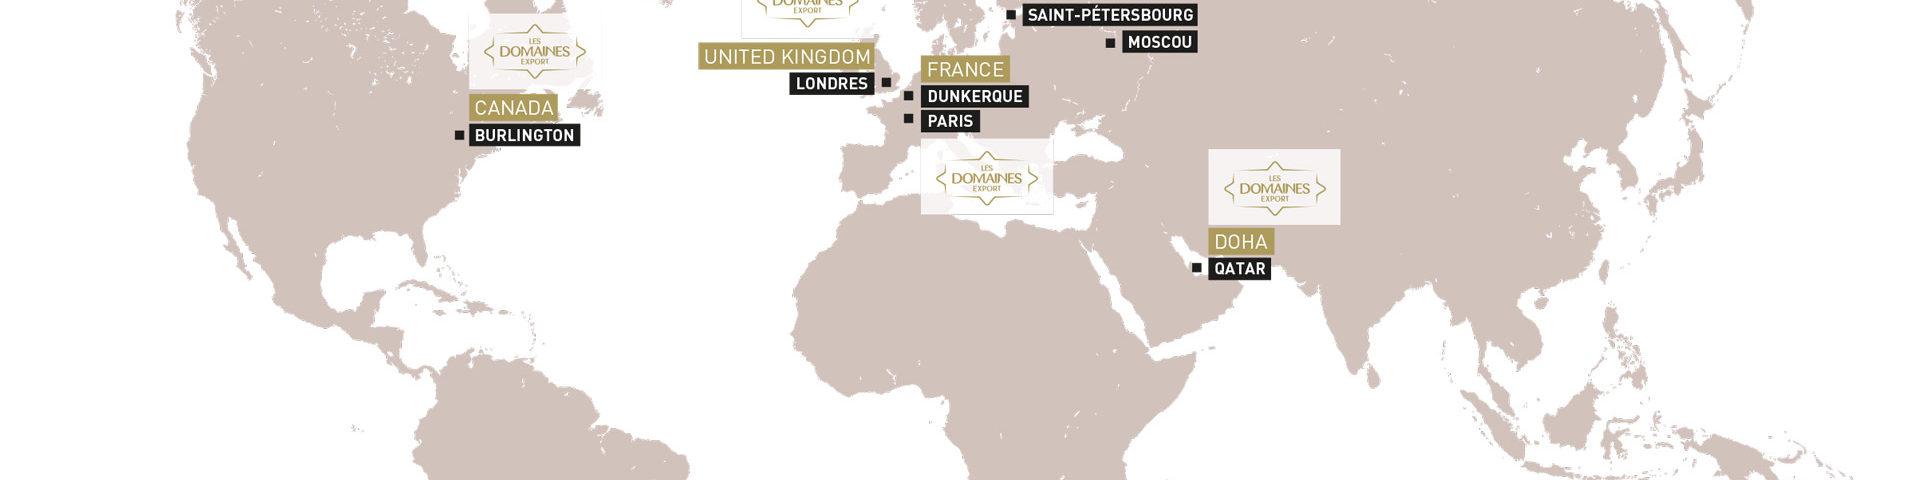 كثفت الضيعات الفلاحية علاقاتها مع شركائها على الصعيد الدولي، فعلاوة على حضورها بالسوق المحلية، يمثل التصدير محورا استراتيجيا هاما بالنسبة للضيعات الفلاحية. فقد ساعد التميز التجاري للمجموعة على تطورها على الصعيد الدولي إما عبر حضورها المباشر وعبر فروعها المتواجدة بالأسواق الهامة لاسيما المملكة المتحدة وأوروبا والشرق الأوسط. أو عبر تمثيلياتها التجارية المحدثة في أسواق أخرى مثل كندا وروسيا. هذا التوسع يؤكد الرغبة القوية للضيعات الفلاحية في تشجيع تنمية المنتوجات المغربية على الصعيد الدولي، كما أنه يمكن المجموعة من بناء علاقة القرب المستدام مع زبنائها وكذلك من توقع وفهم حاجياتهم جيدا من أجل التفاعل معهم بشكل متزايد.